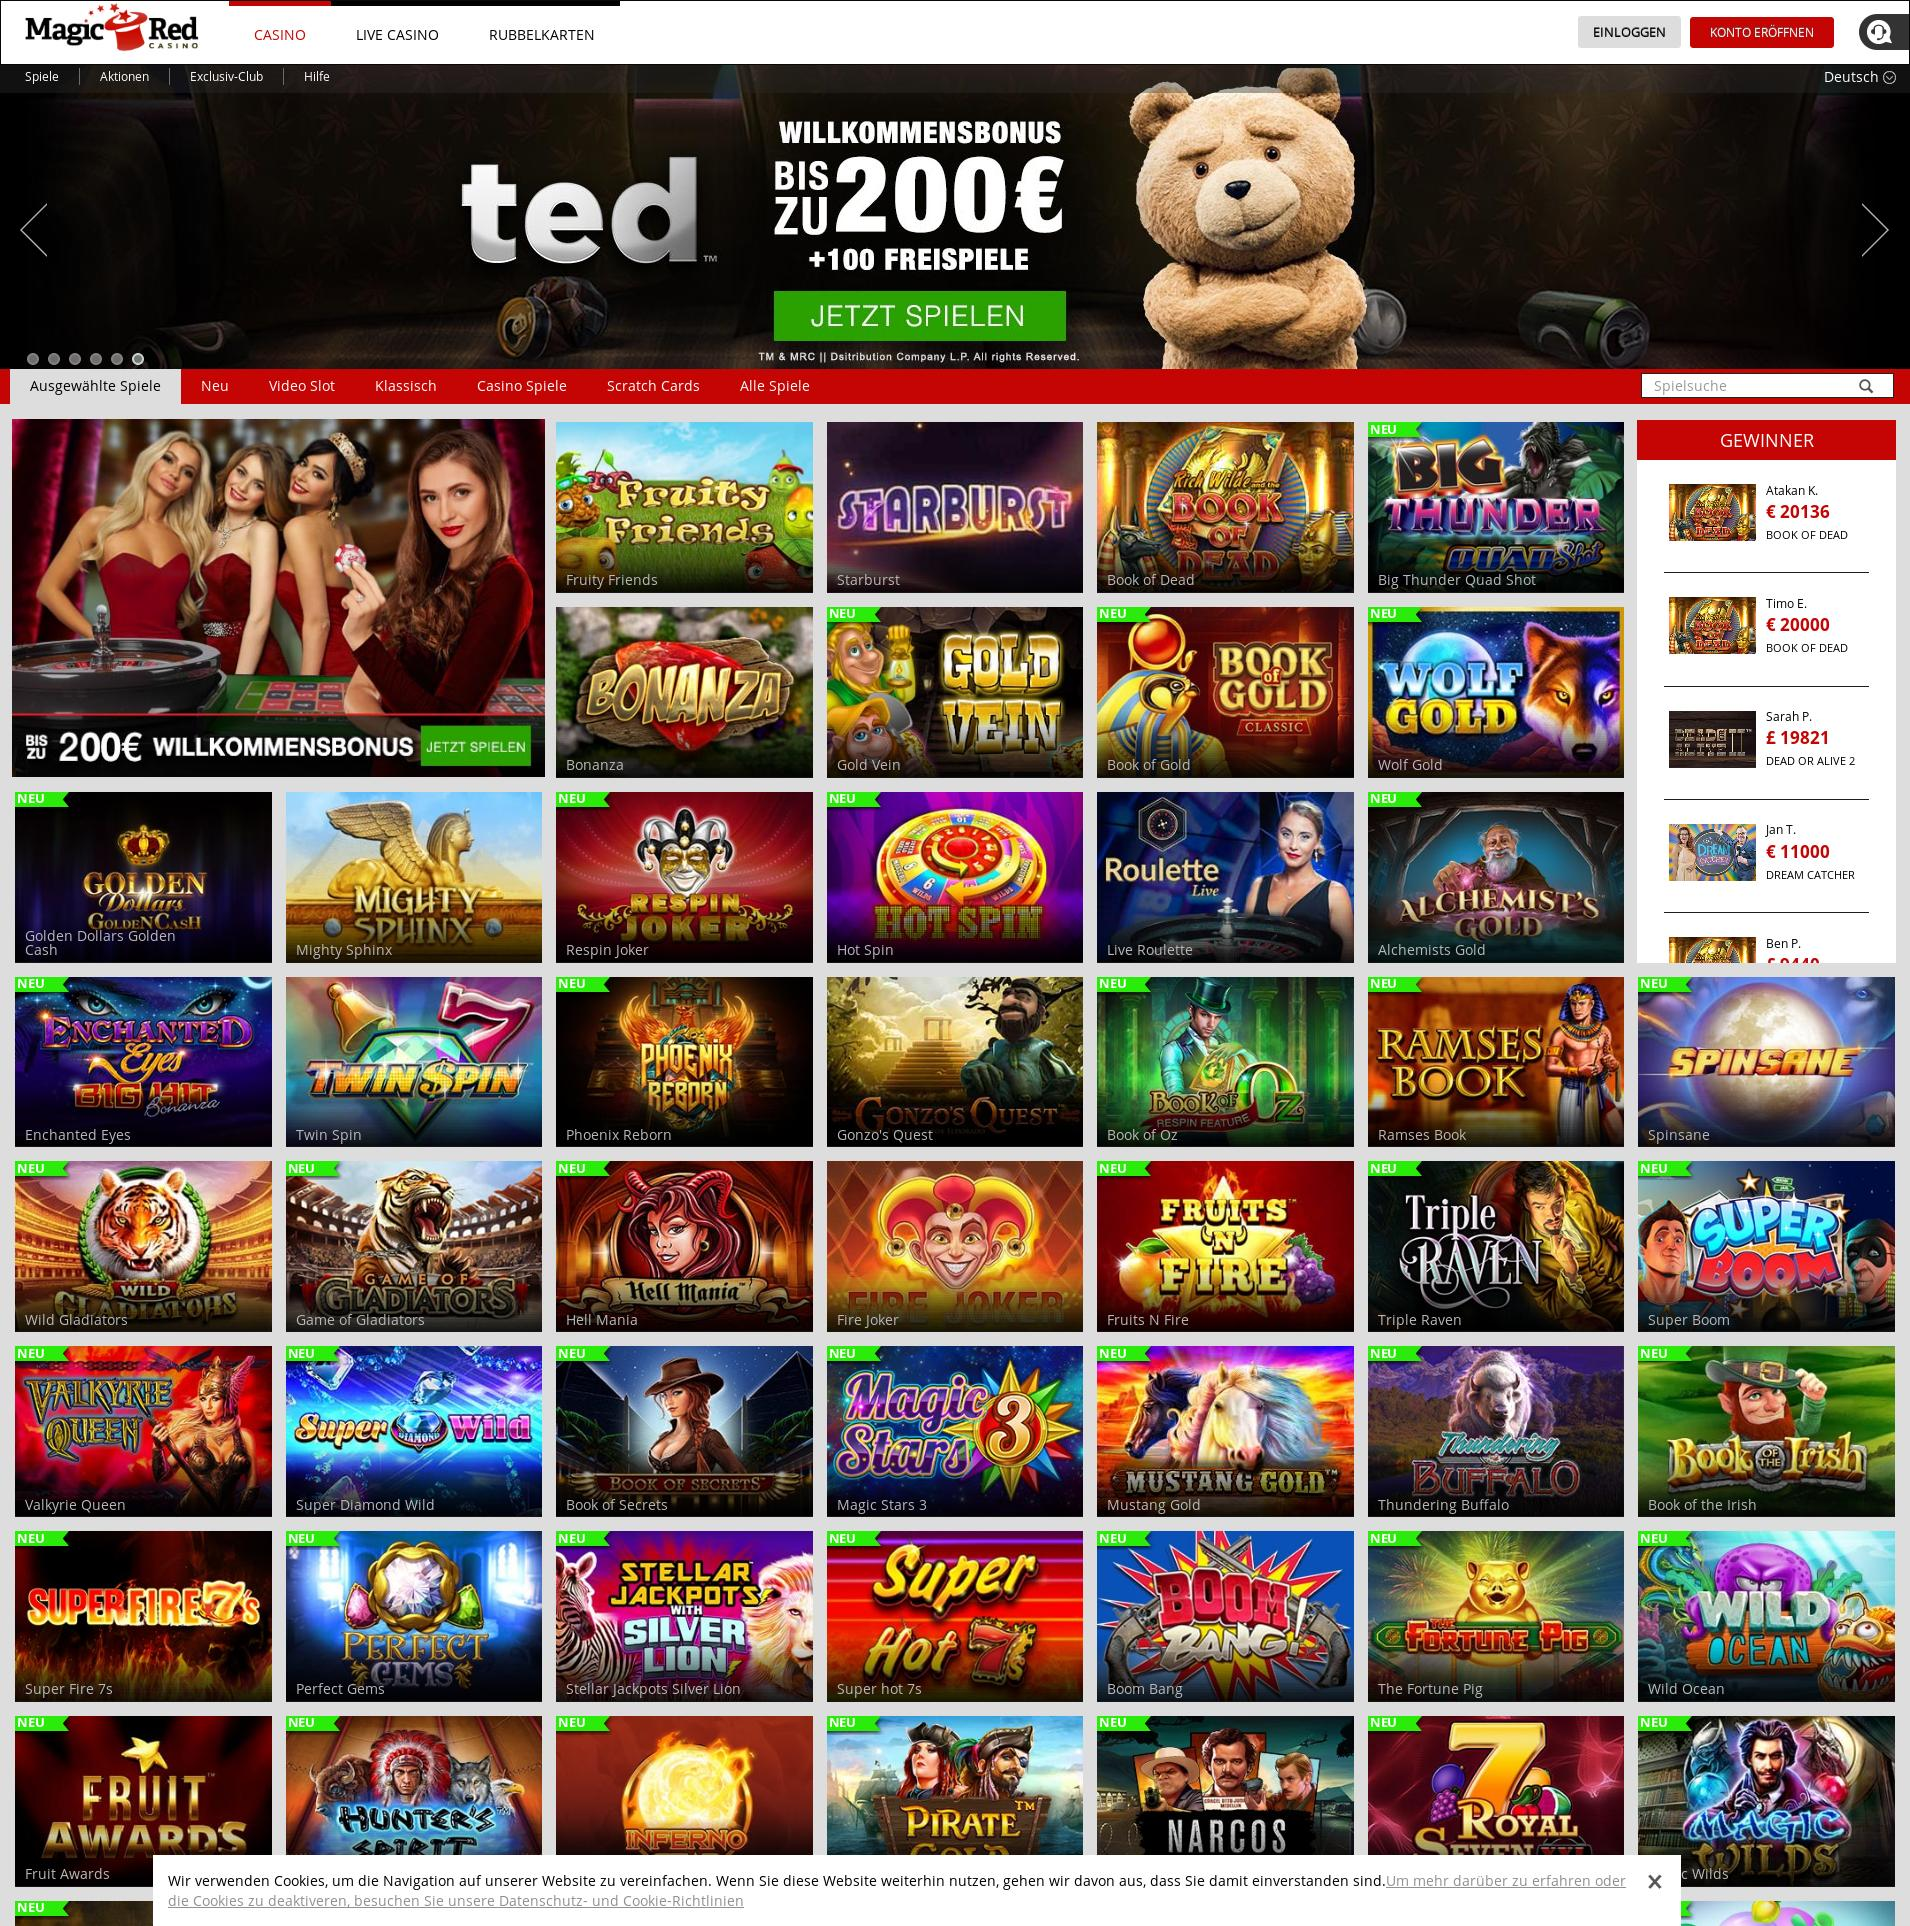 Casino Bildschirm Lobby 2019-06-19 zum Deutschland